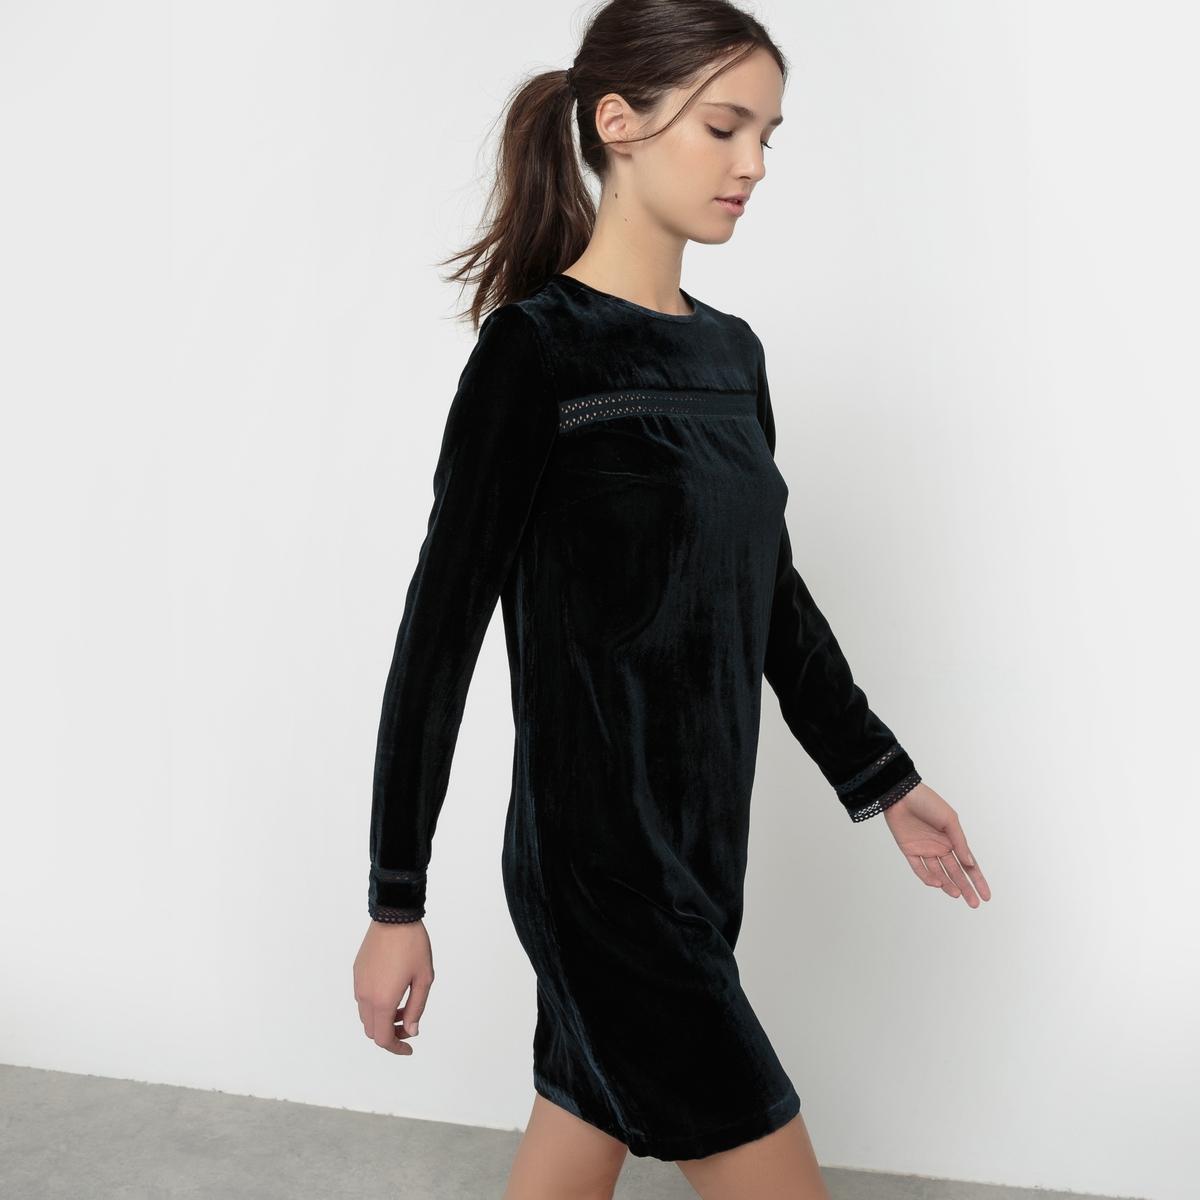 Платье велюровоеСостав и описание Материал : 75% вискозы, 25% полиамидаДлина : 90 смМарка : Mademoiselle R.Уход:Машинная стирка при 30 °C на деликатном режиме Стирать с изнанки с одеждой подобного цвета Машинная сушка запрещена Гладить с изнанки на очень низкой температуре<br><br>Цвет: темно-синий<br>Размер: 44 (FR) - 50 (RUS)